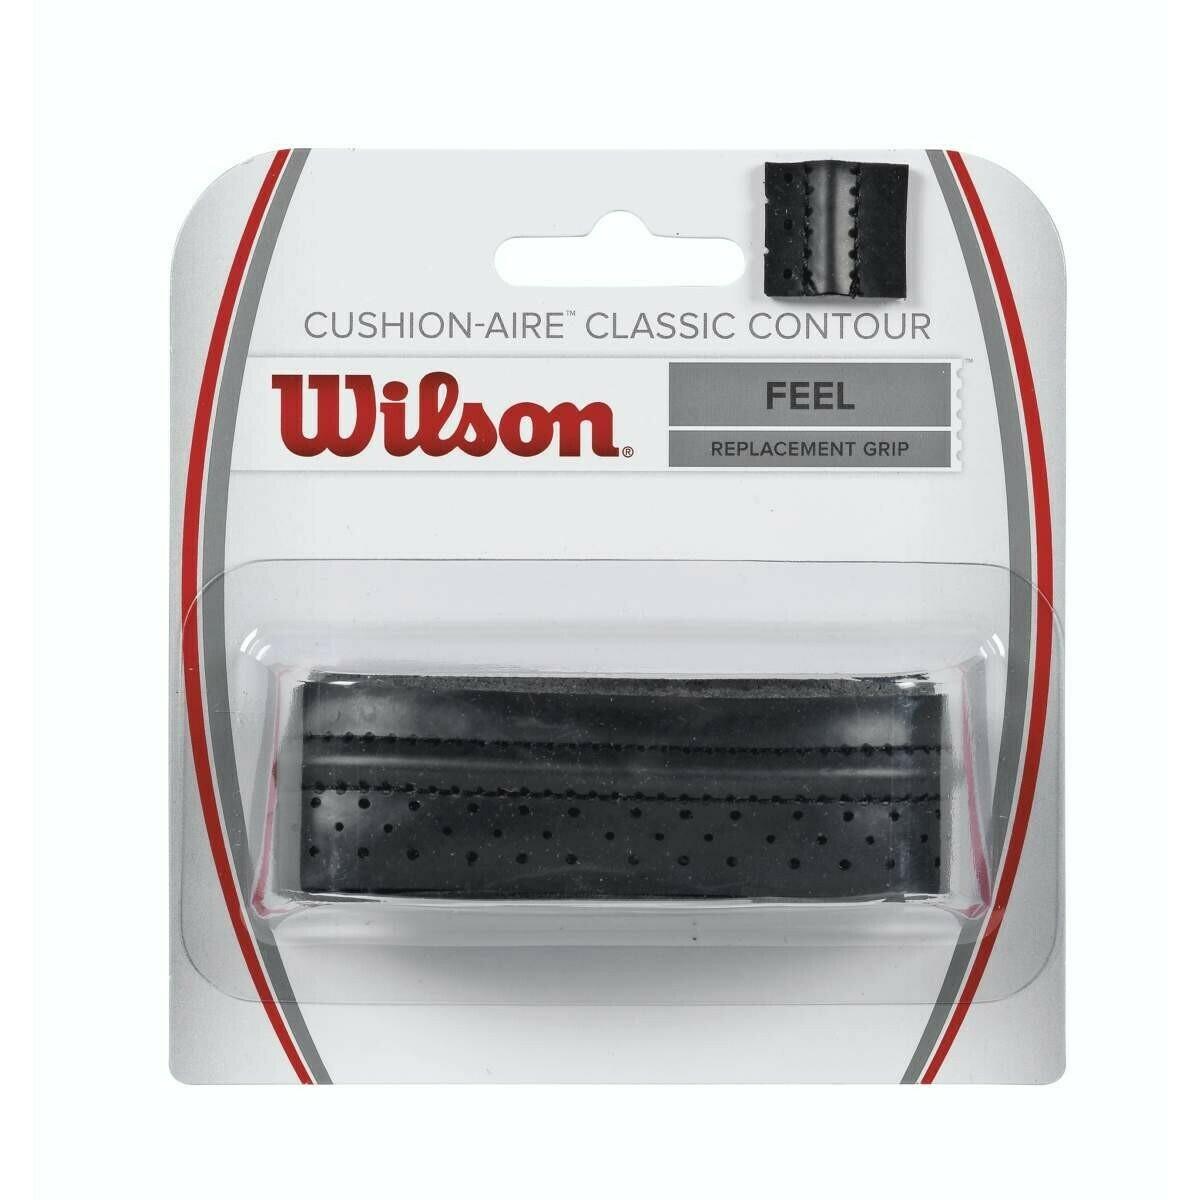 Wilson Cushion-Aire Classic Contour Tennis Grip